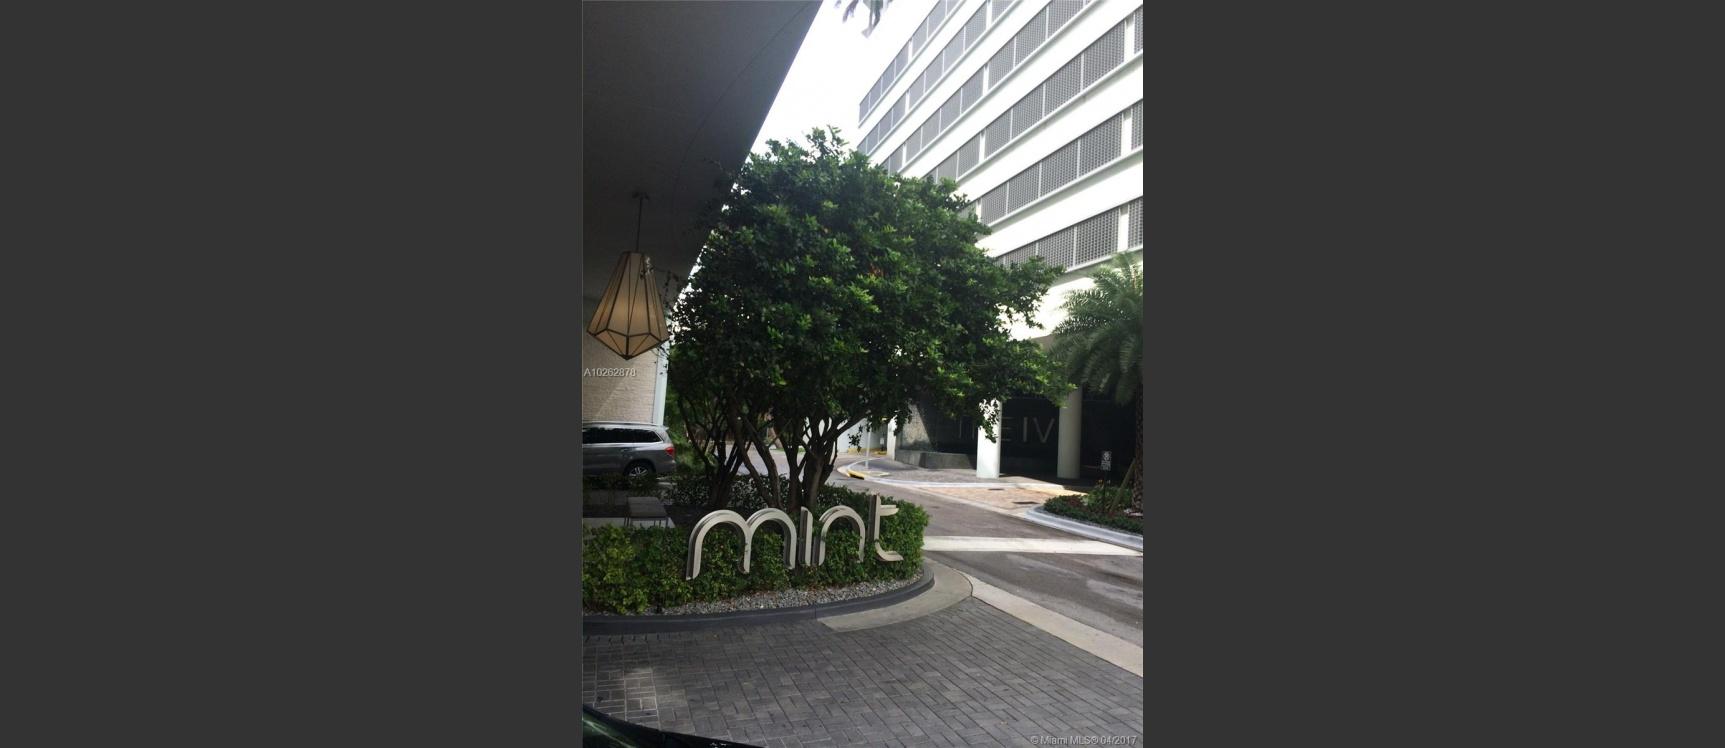 GeoBienes - Departamento a la Venta en Miami_ Brickell Area - Plusvalia Guayaquil Casas de venta y alquiler Inmobiliaria Ecuador